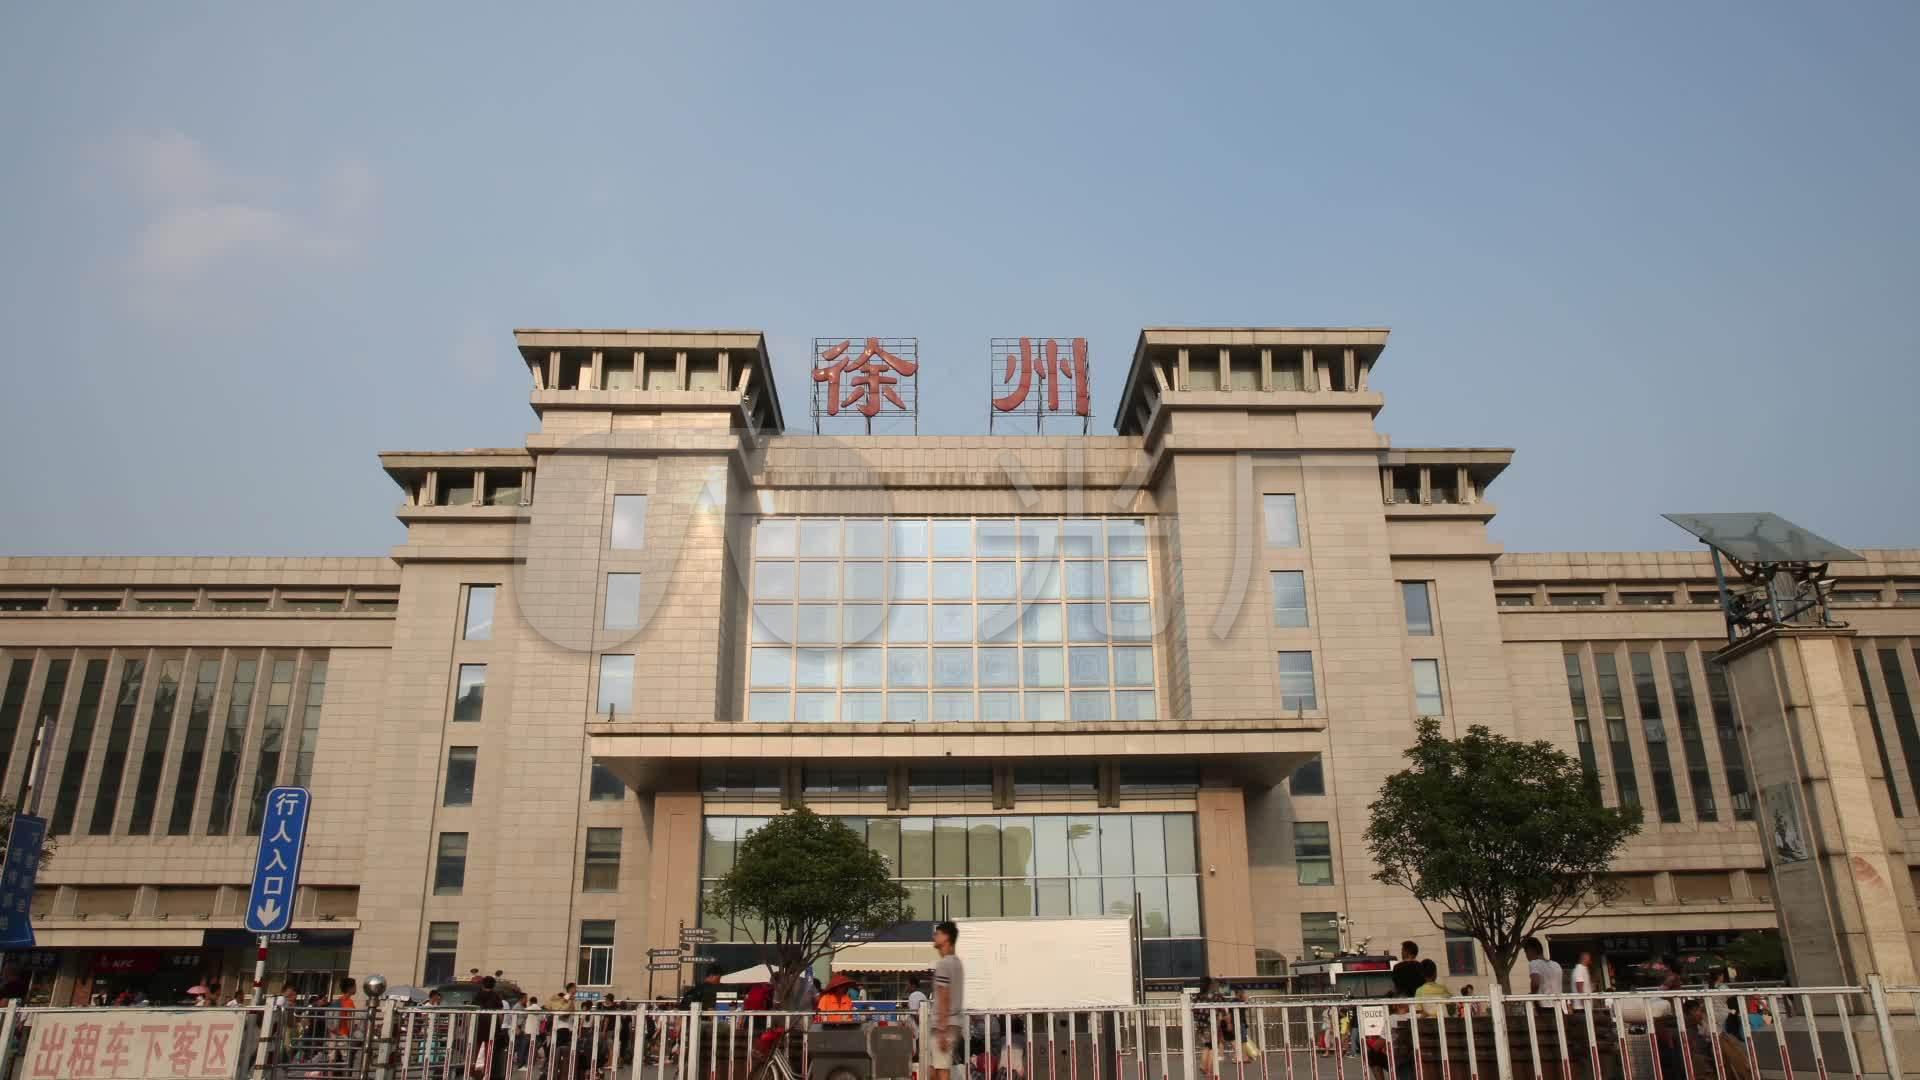 徐州火车站_1920X1080_视频视频素材下载(编微娜露高清图片